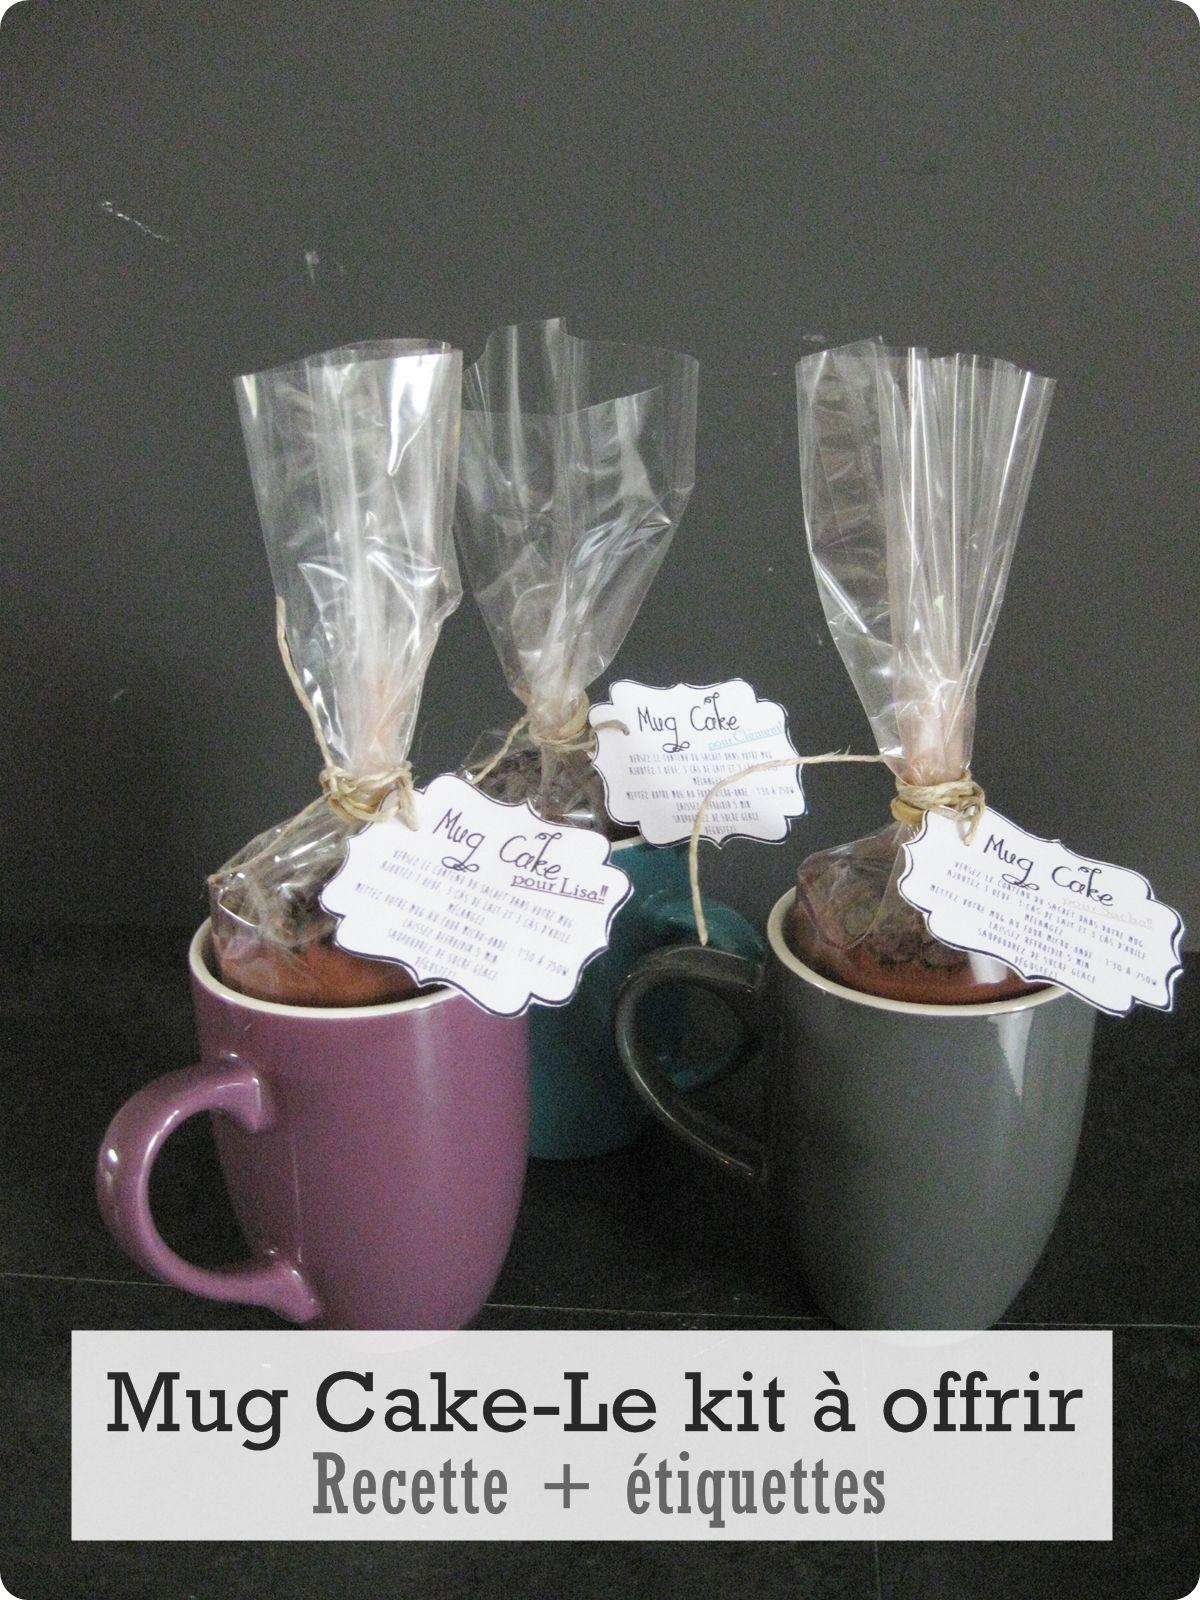 Mug Cake-Le kit à offrir- Recette + Étiquettes à imprimer - Curieusement Bien